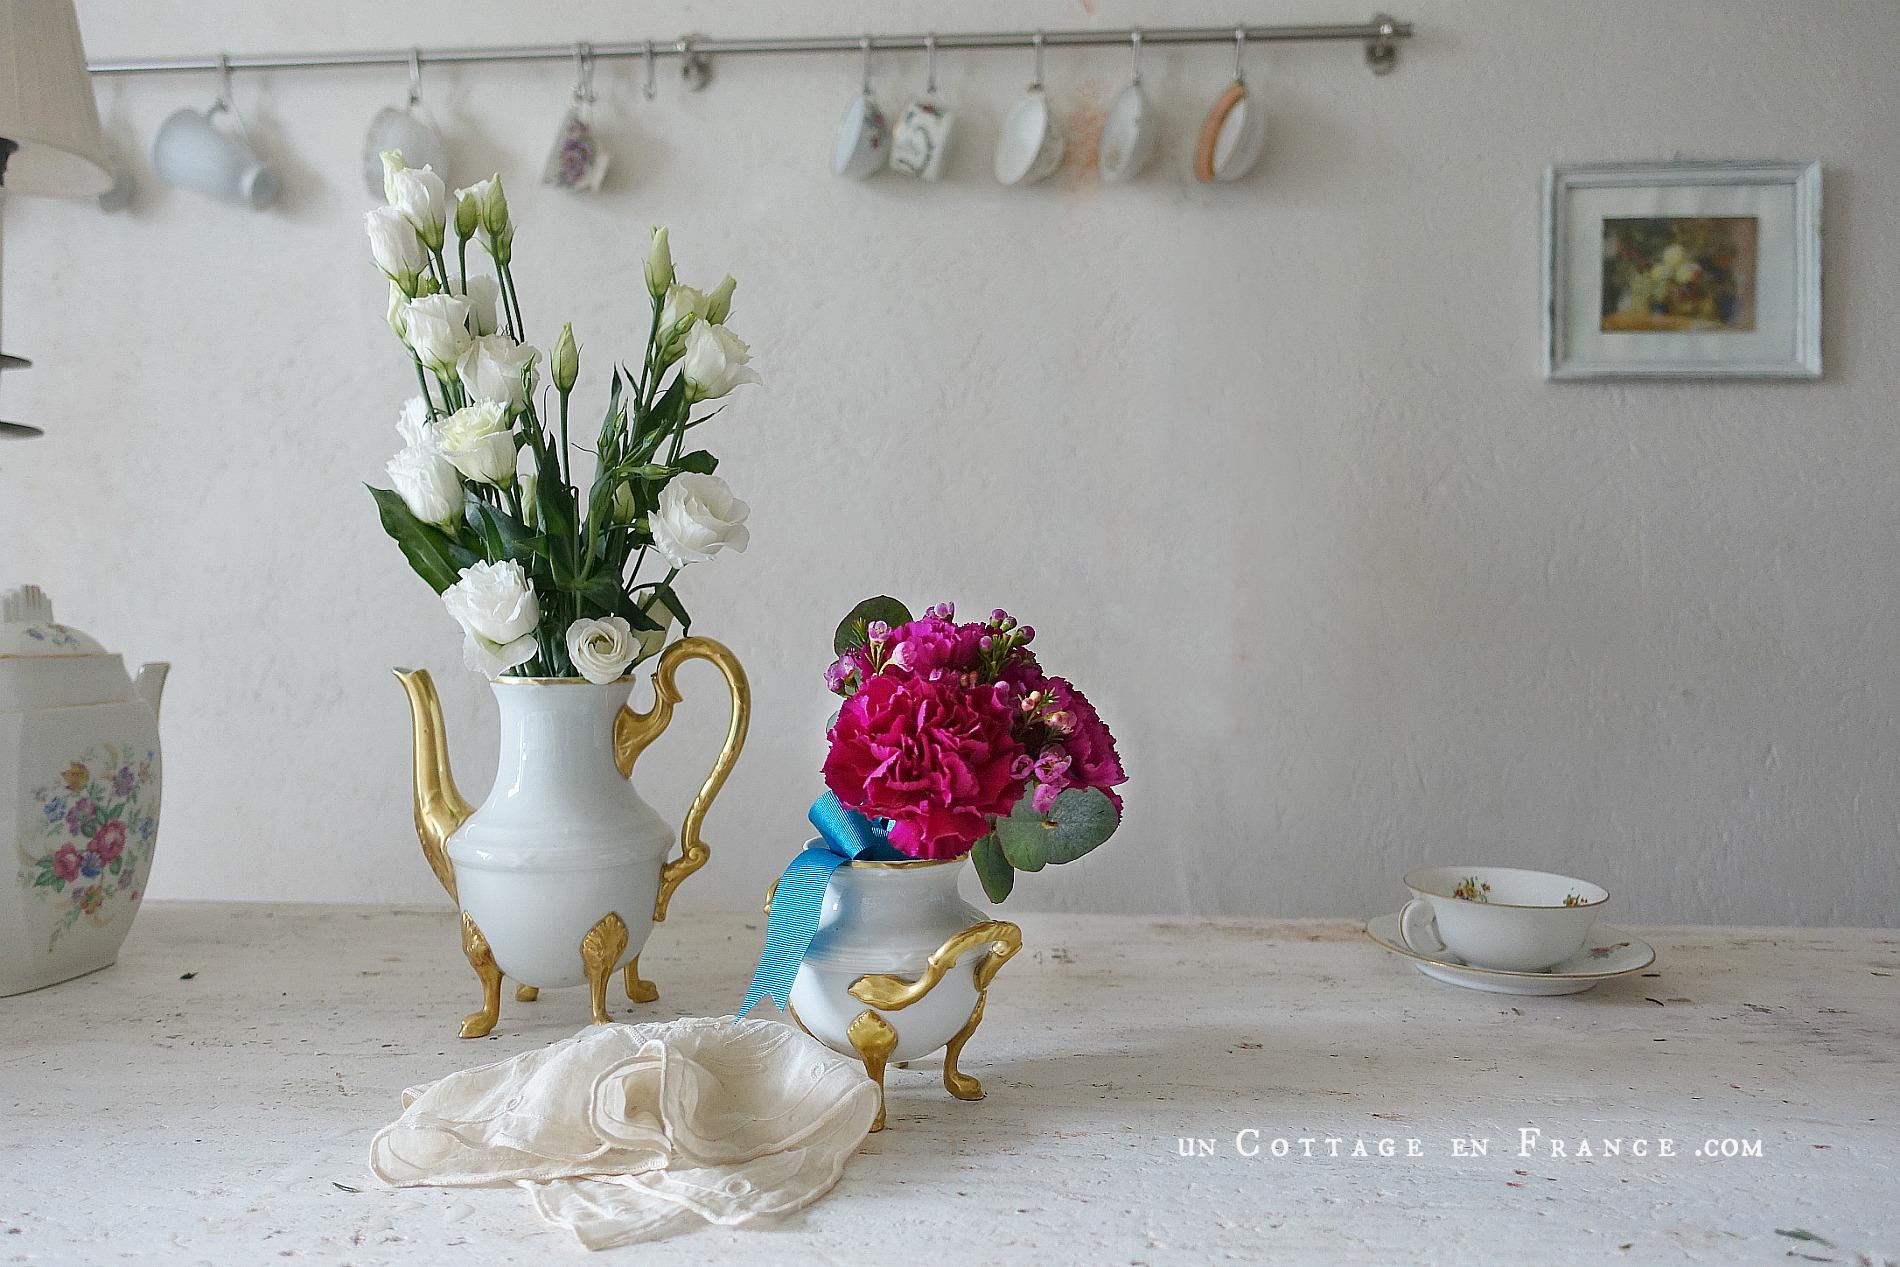 Bouquet d'oeillets de la Saint-Valentin (Valentine's day pink carnations) 3